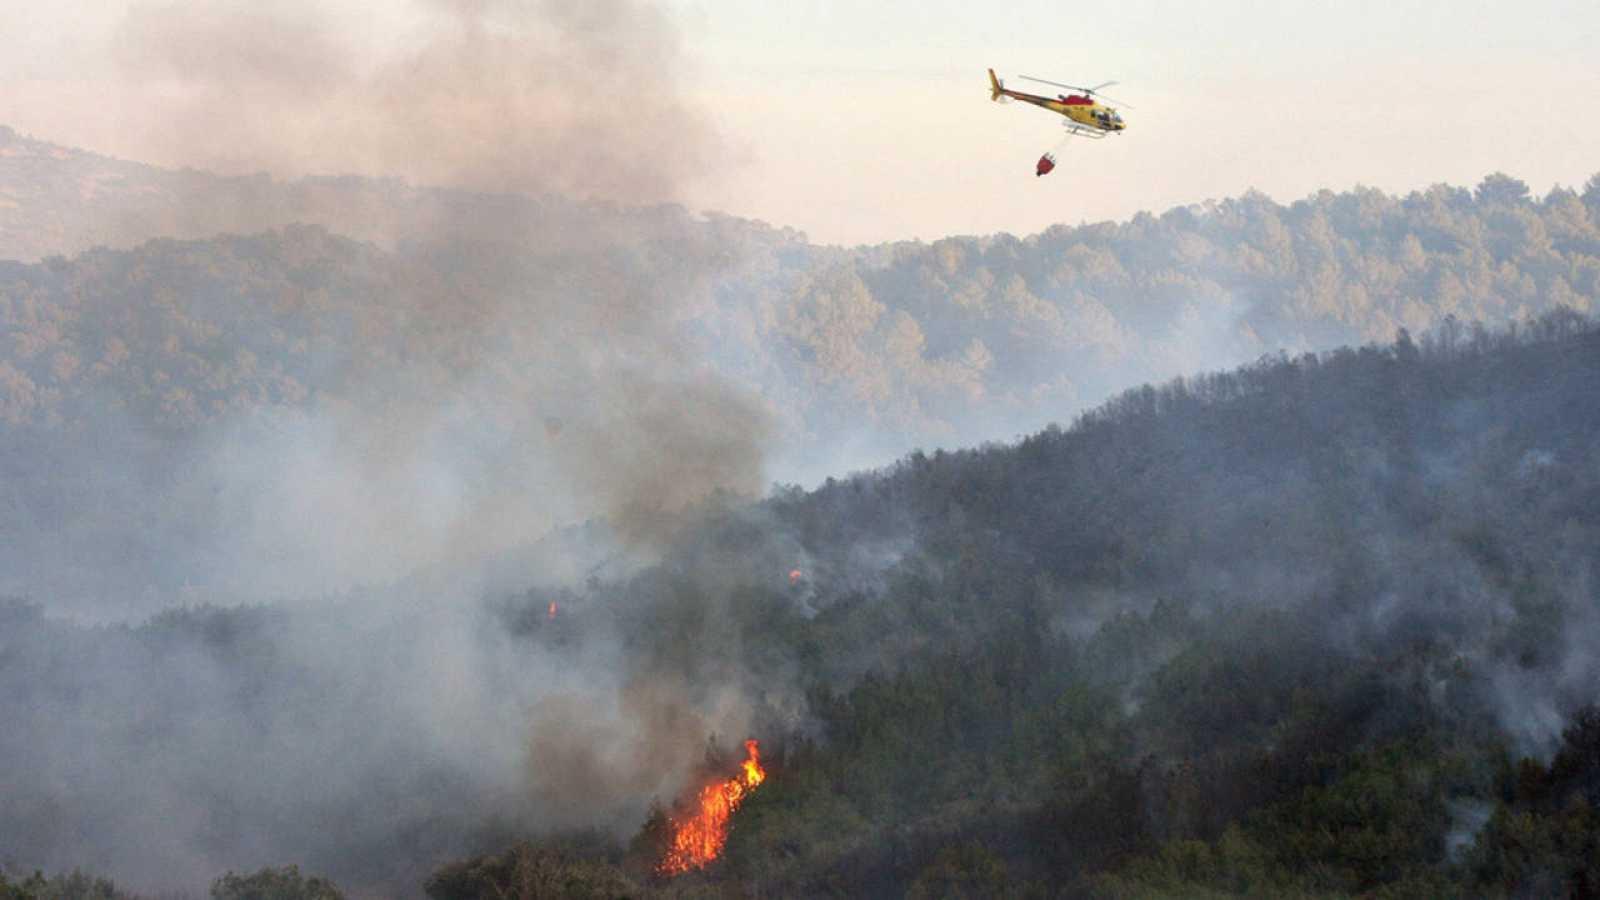 En 2015 se produjeron casi 12.000 incendios en España, que quemaron más de 100.000 hectáreas.